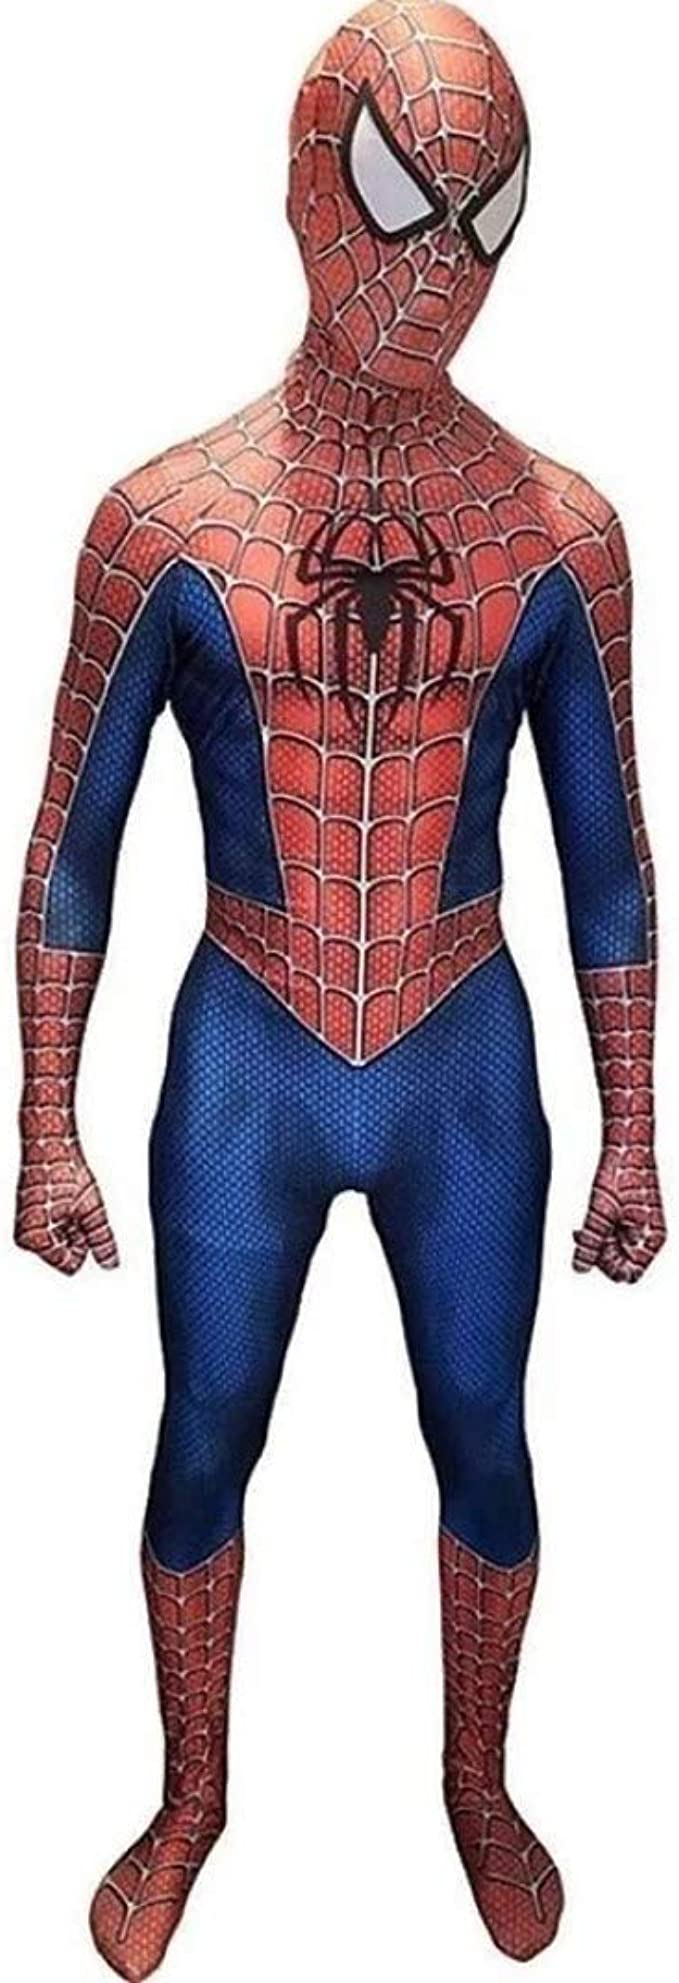 COSPLAY Disfraz de Spider-Man Traje ajustado de cuerpo completo ...